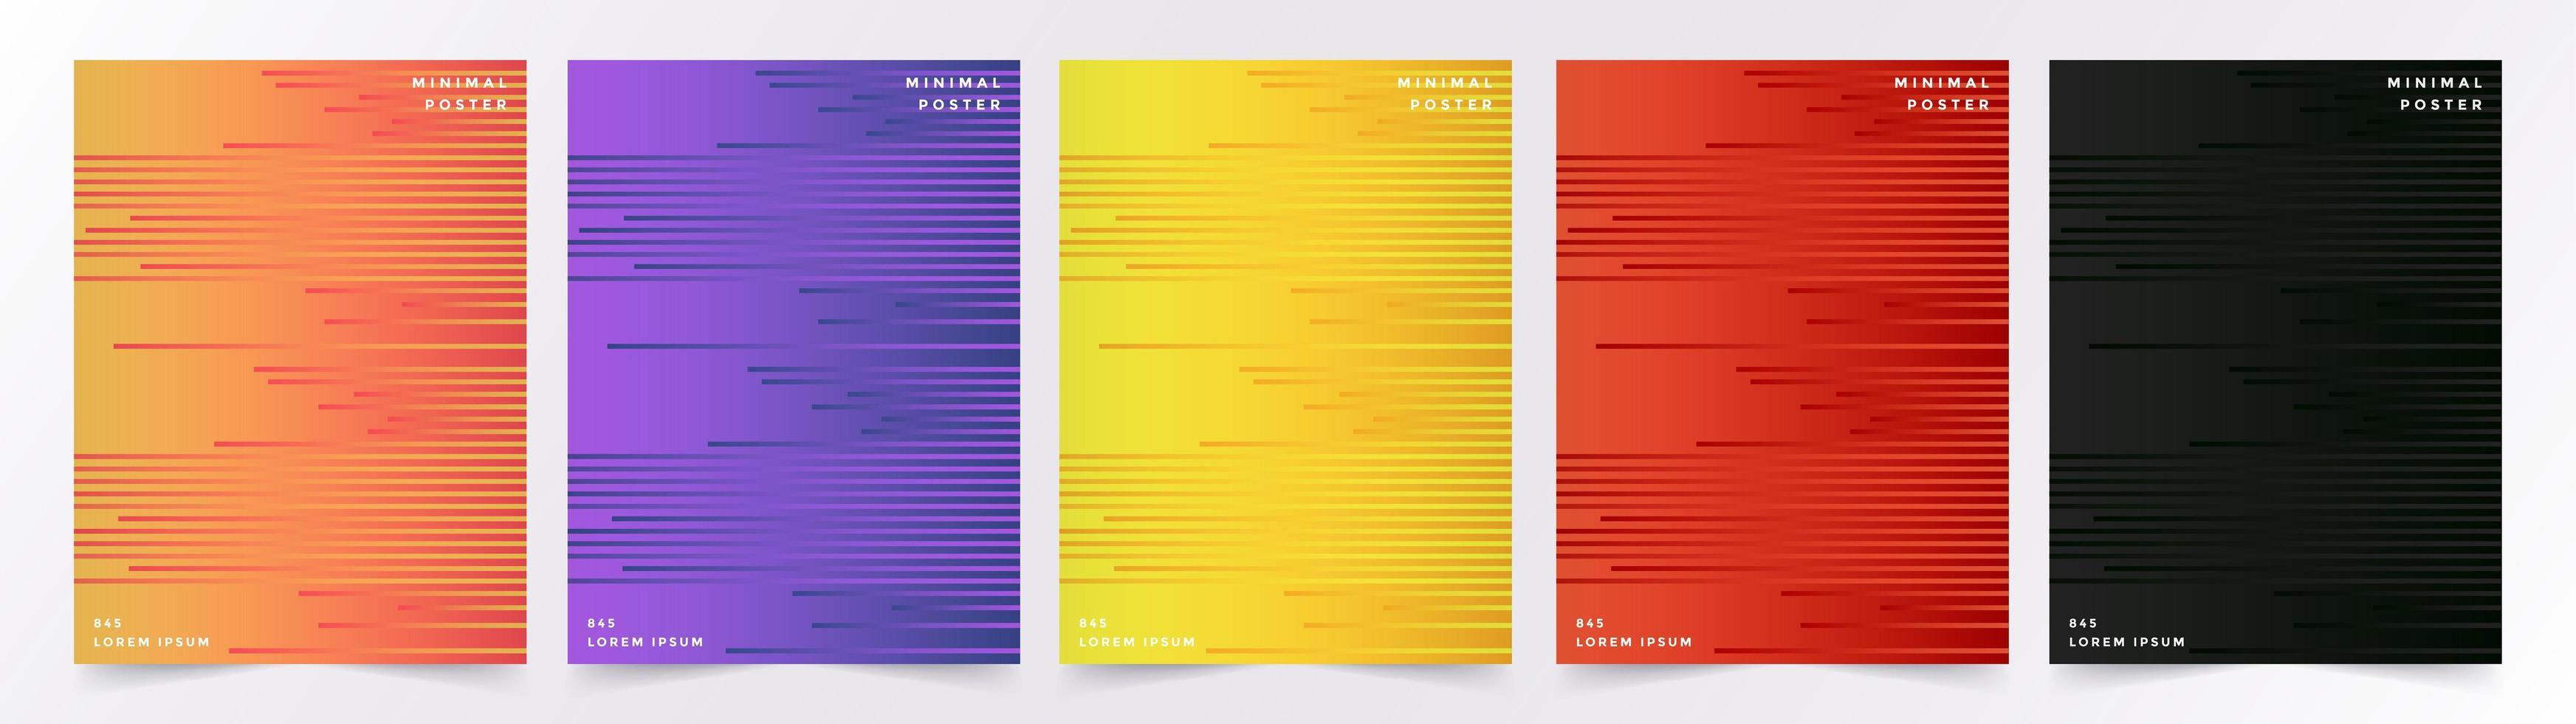 conjunto de planos de fundo coloridos linha geométrica vetor